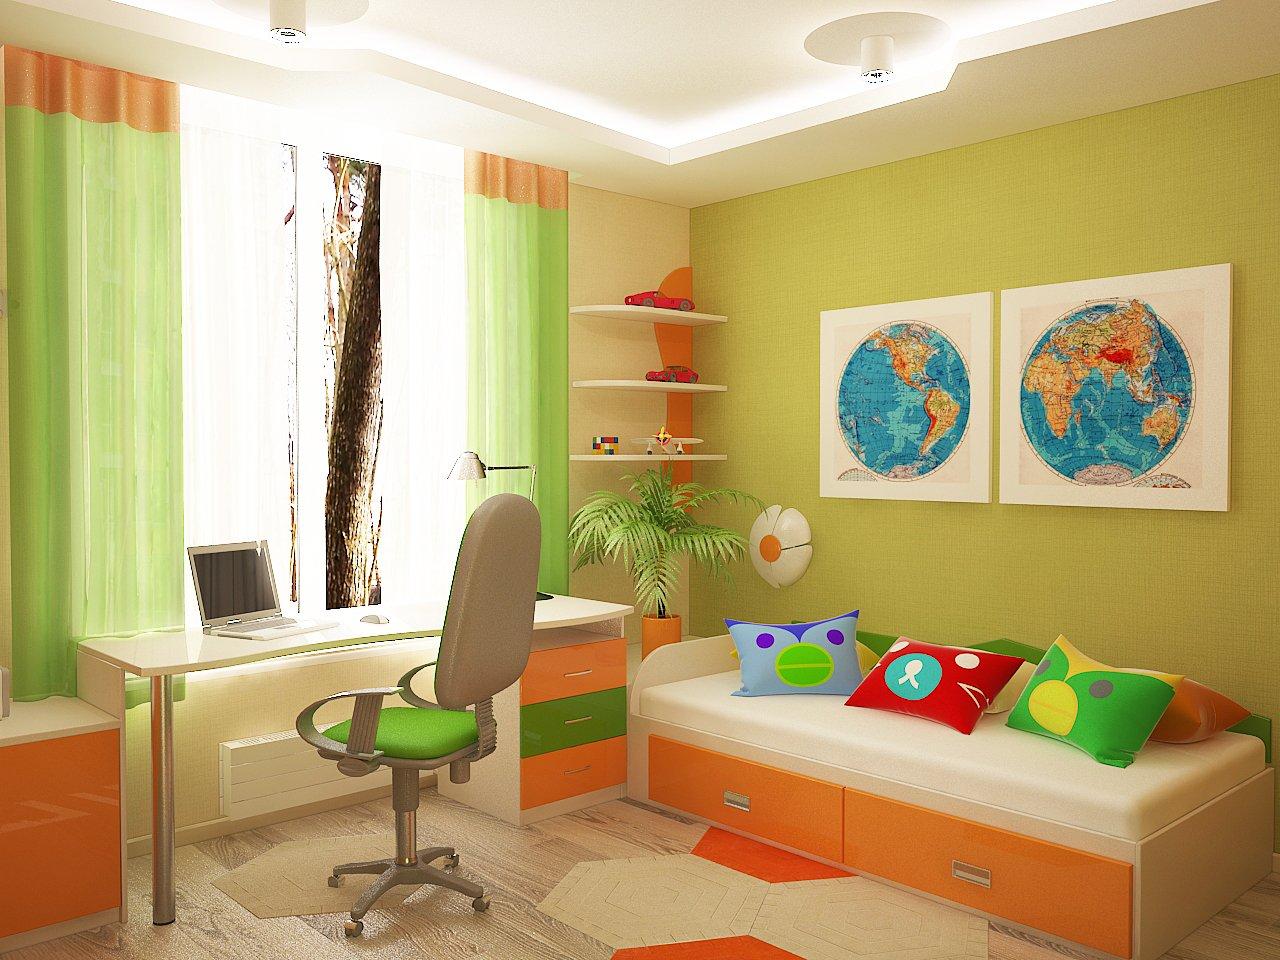 Дизайн детской комнаты Киев для школника, рабочее место, яркие цвета, карта мира на стене